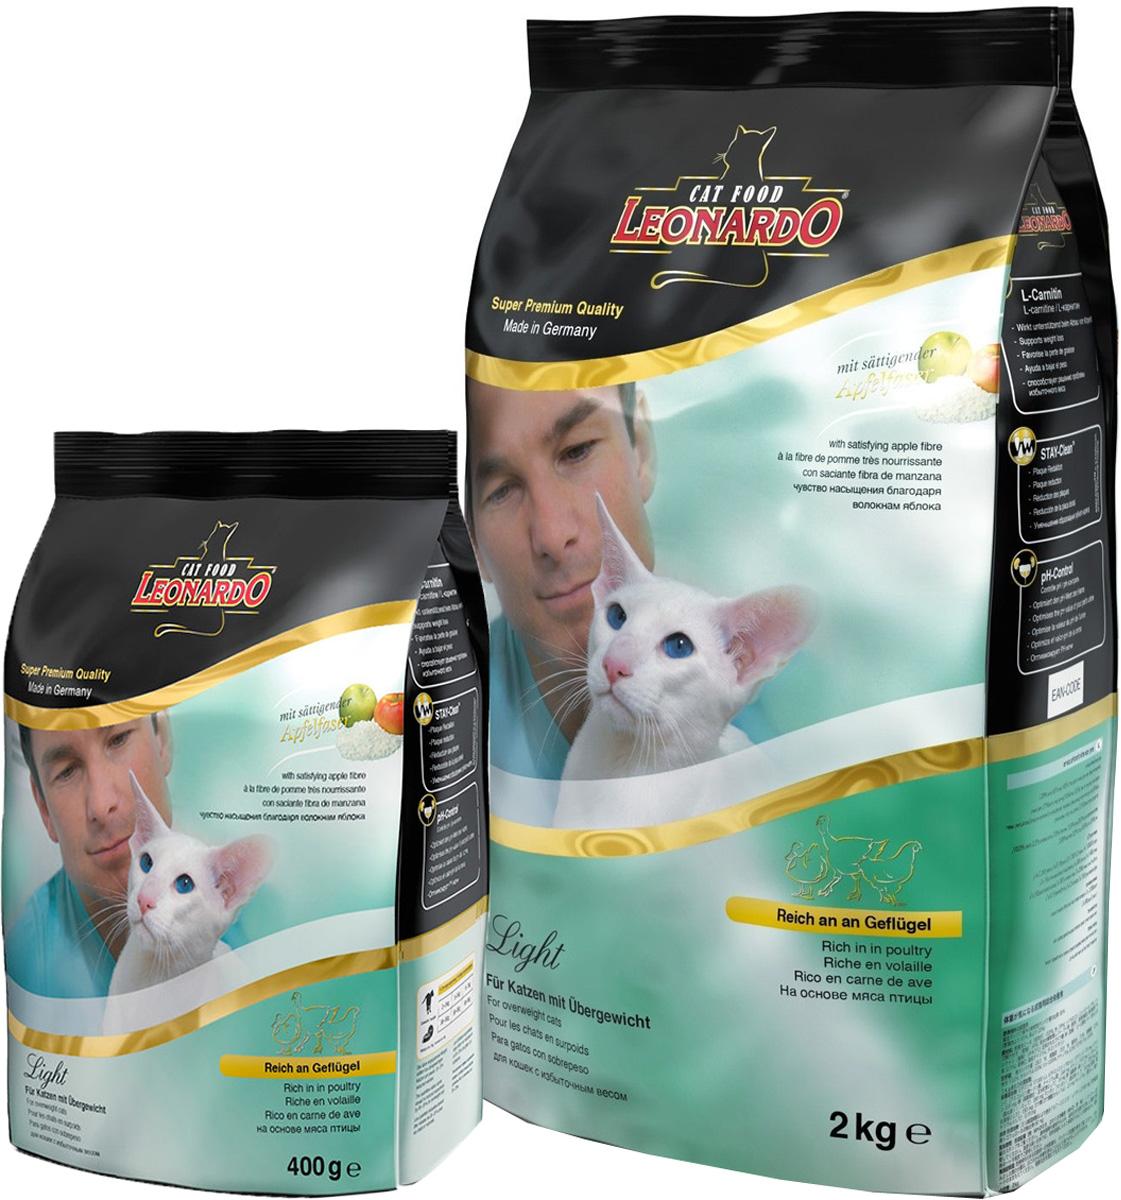 Корм сухой Leonardo Light, для кастрированных котов и стерилизованных кошек, для животных с избыточным весом, 2 кг + ПОДАРОК19760_400 гр бесплатноСухой корм Leonardo Light предназначен для кастрированных котов и стерилизованных кошек, а также для животных, страдающих избыточным весом. Добавлен L-карнитин для сжигания жировой ткани. Волокна яблока обеспечивают животному чувство насыщения. Корм снижает образование зубного камня и зубного налета. Обладает профилактикой мочекаменной болезни. В подарок идет сухой корм Leonardo Light, для кастрированных котов и стерилизованных кошек, для животных с избыточным весом, 400 г. Состав: сухое мясо птицы пониженной зольности 33%, рис 16%, кукуруза, мука сельди 7%, яблочные выжимки, сушеные 4%, гидролизат печени птицы, рожь, жир домашней птицы, морепродукты (криль), вытяжка из виноградной косточки, яичный порошок, пивные дрожжи, овсяные отруби 2,5%, льняное семя, поваренная соль, инулин. Пищевые добавки: витамин А 15000 МЕ, витамин D3 1500 МЕ, витамин E 150 мг, витамин С (как аскорбил монофосфаты) 245 мг, таурин 1400 мг, L-карнитин 200 мг, медь...